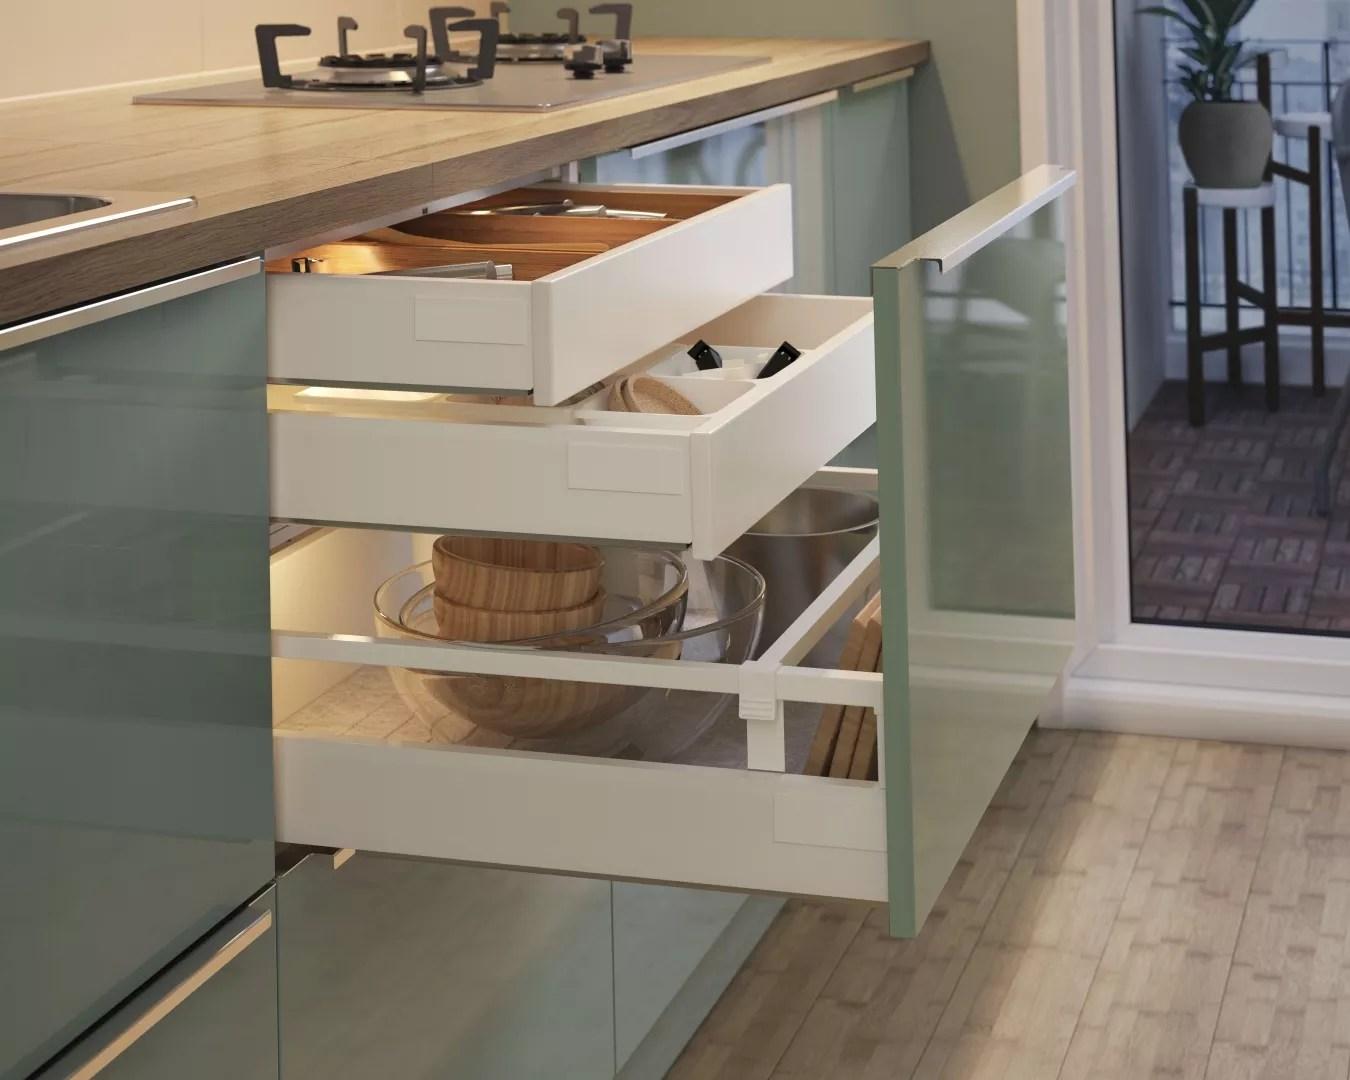 Frontjes Ikea Keuken : Interieur ikea lanceert design keuken met karakter u stijlvol